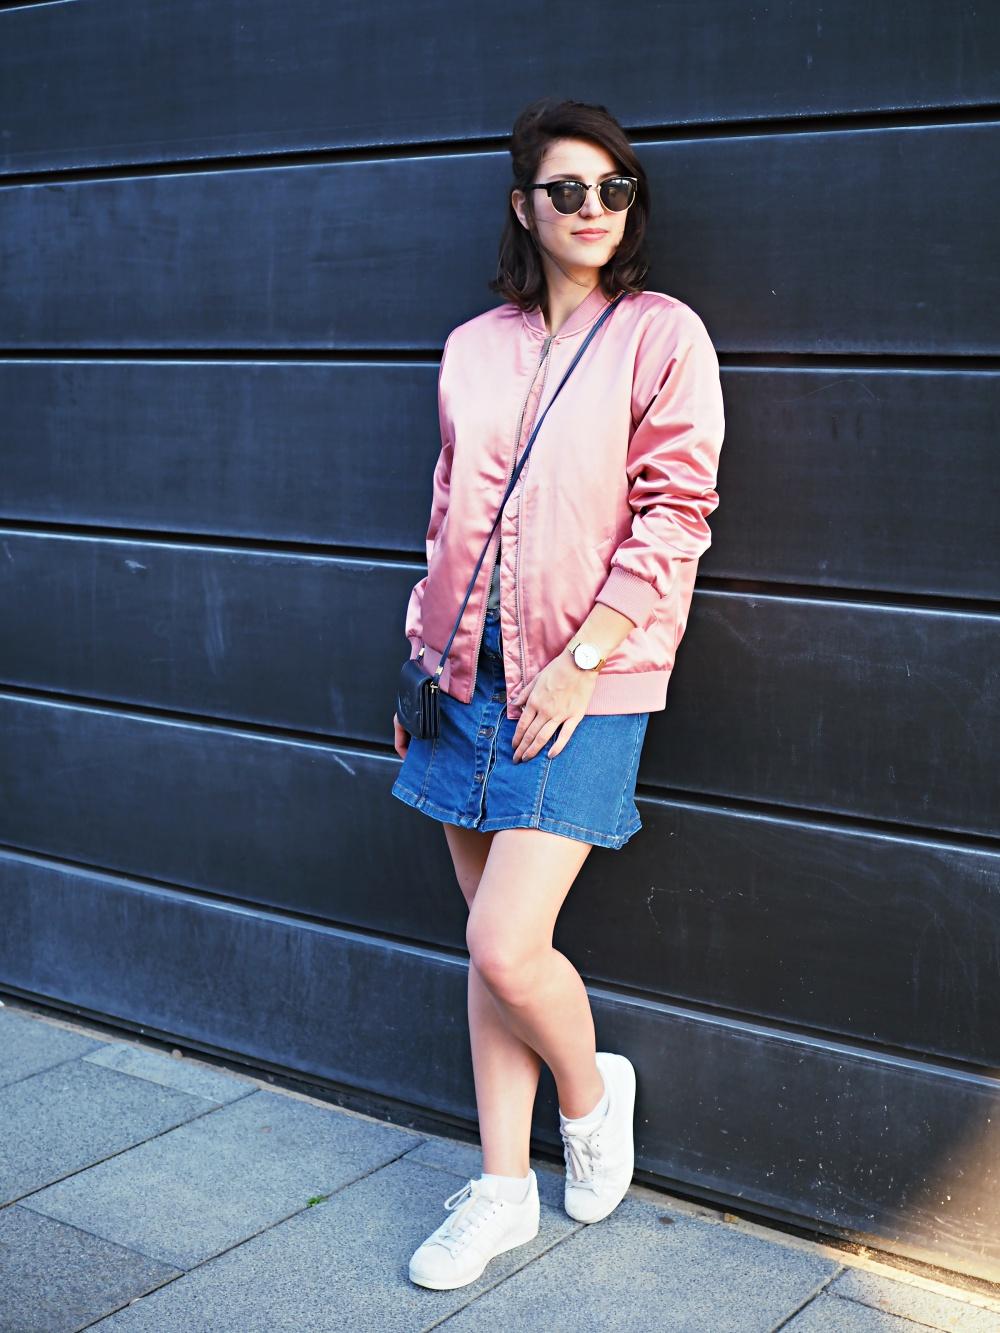 http://samieze.com/wp-content/uploads/2016/09/pink-bomber-jacket-hoch-ganz-2.jpg